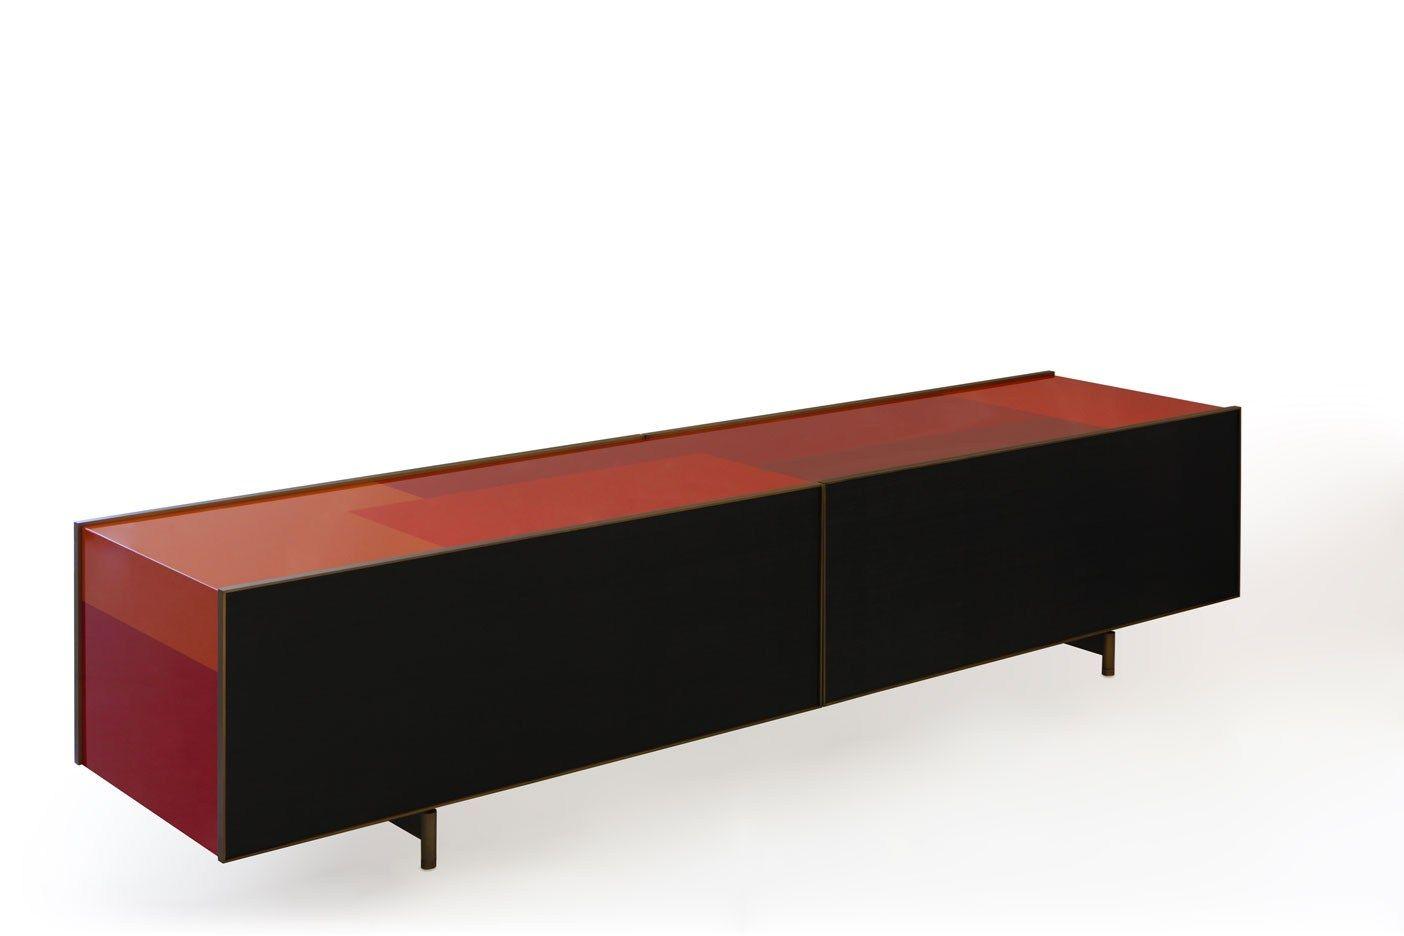 lacquered sideboard ipercolore by porro design piero lissoni. Black Bedroom Furniture Sets. Home Design Ideas